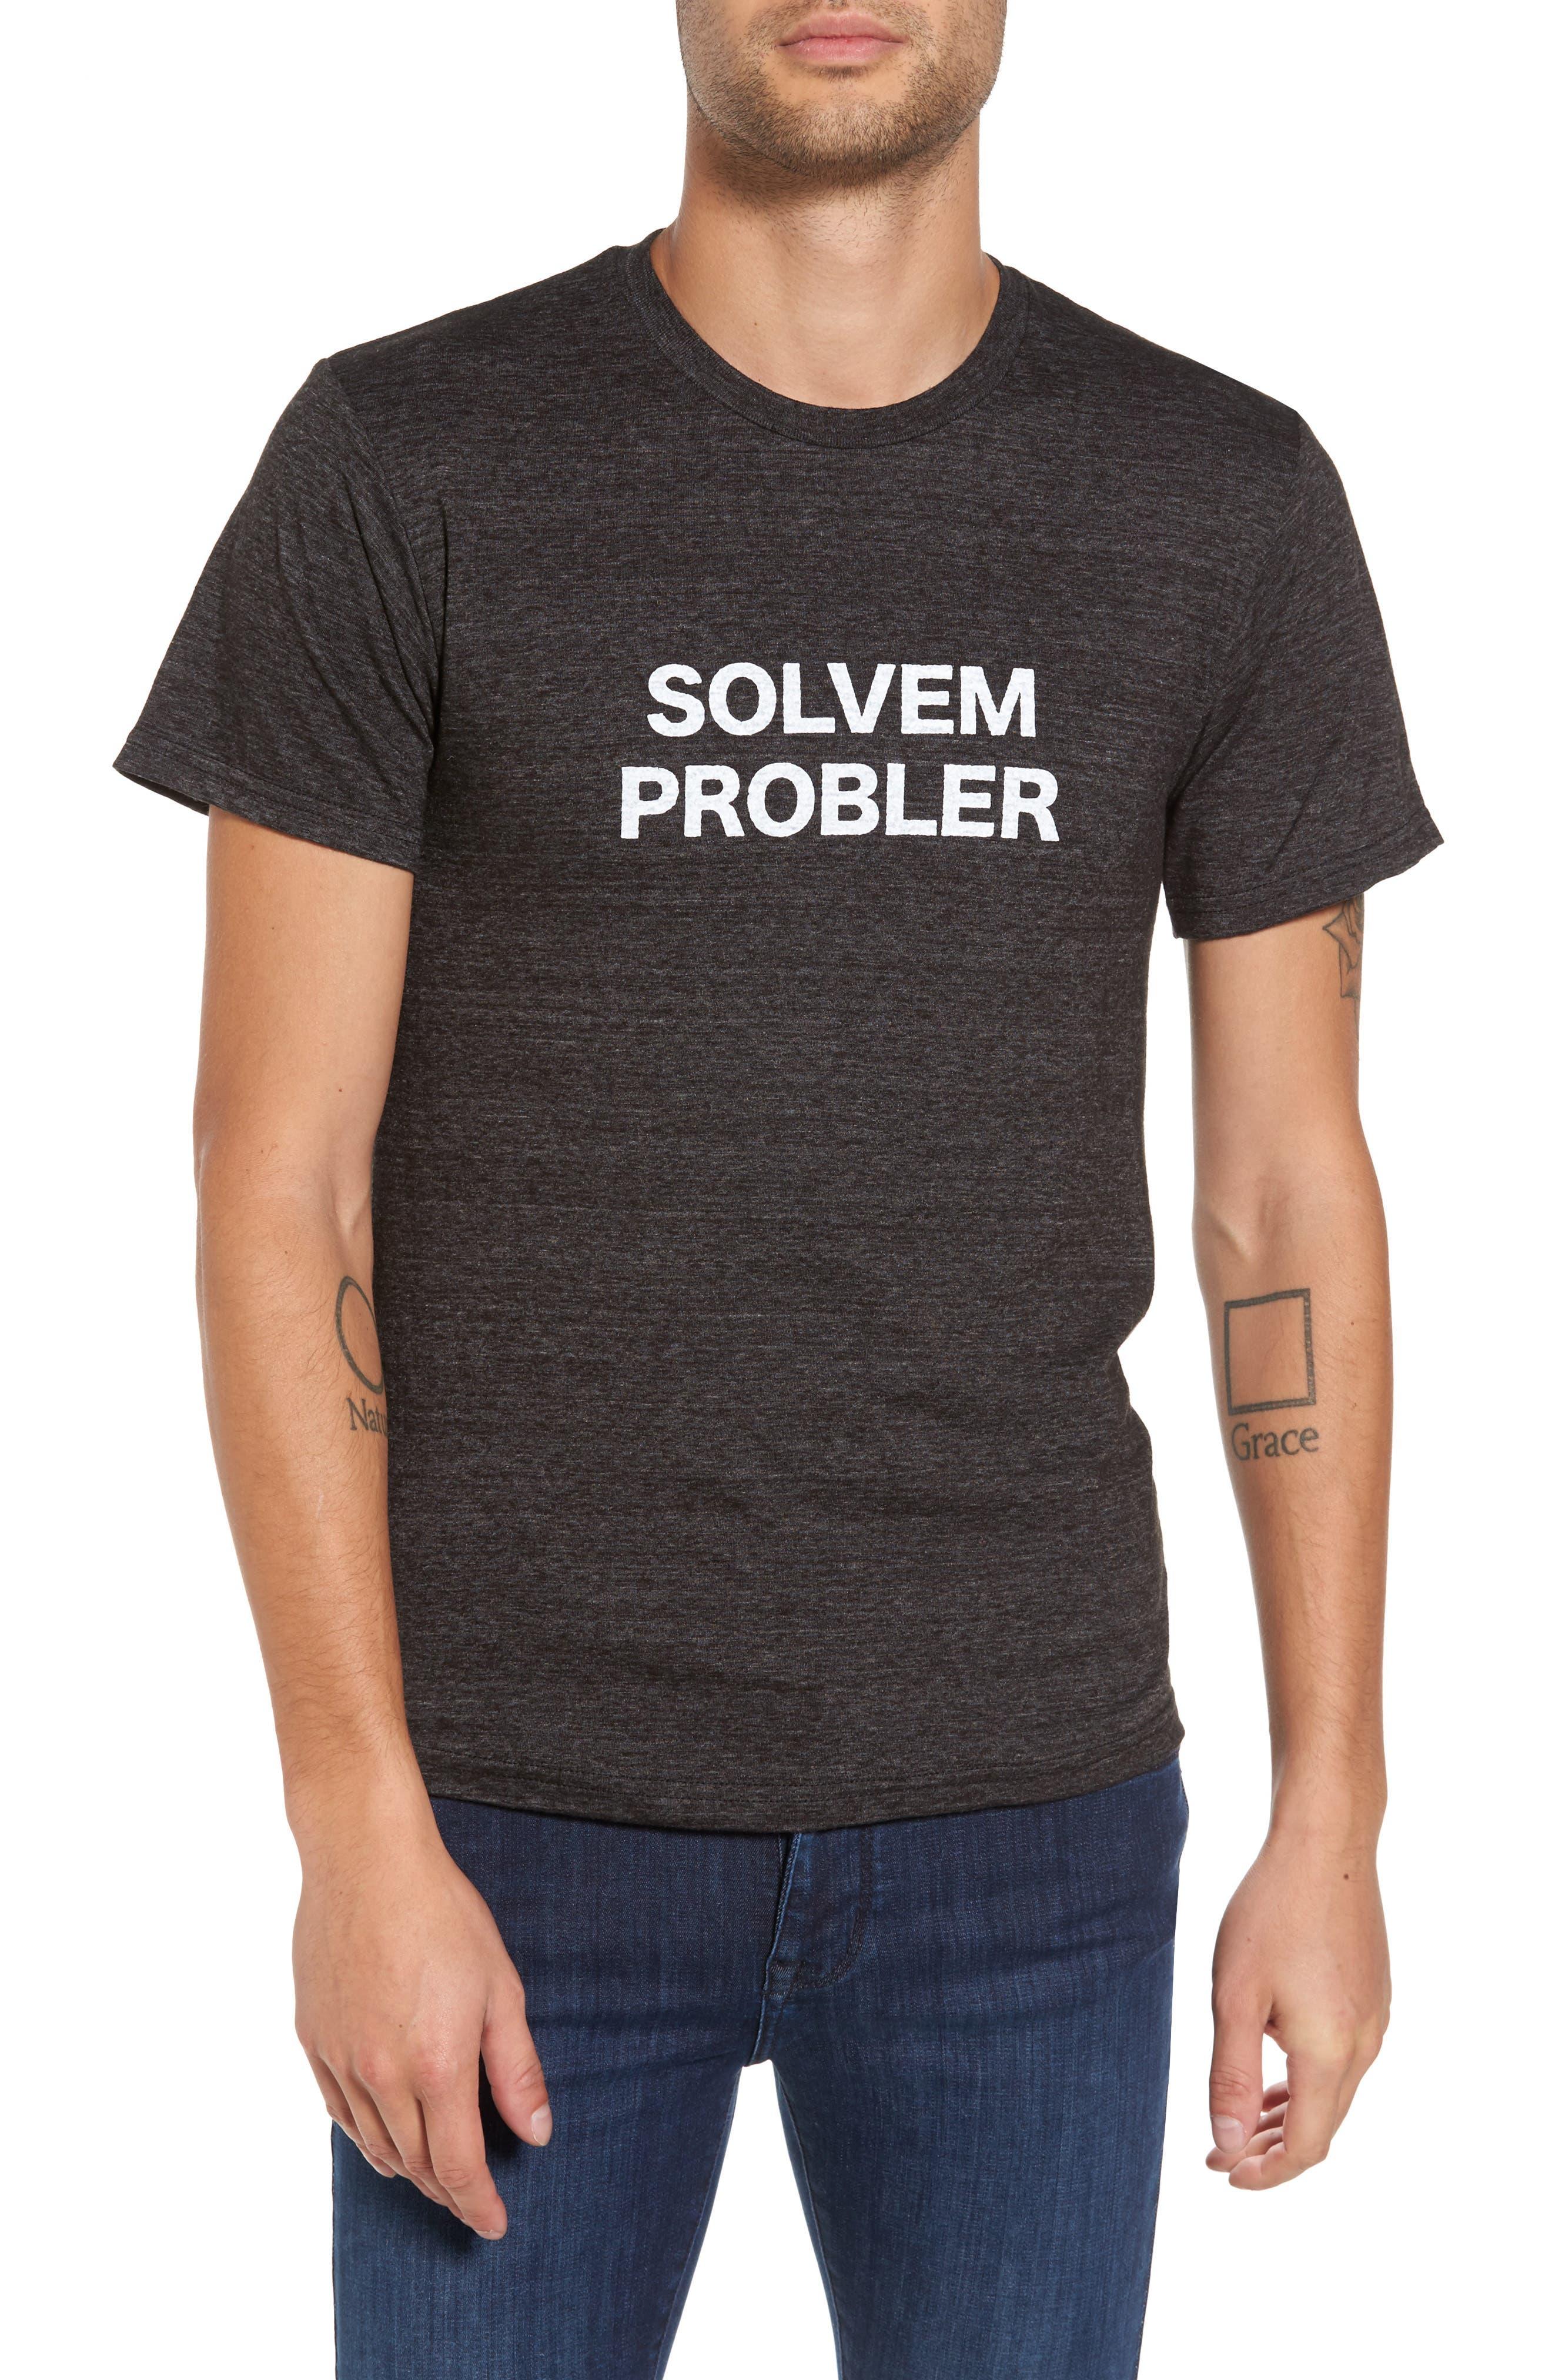 ALTRU Solvem Probler Graphic T-Shirt, Main, color, 020